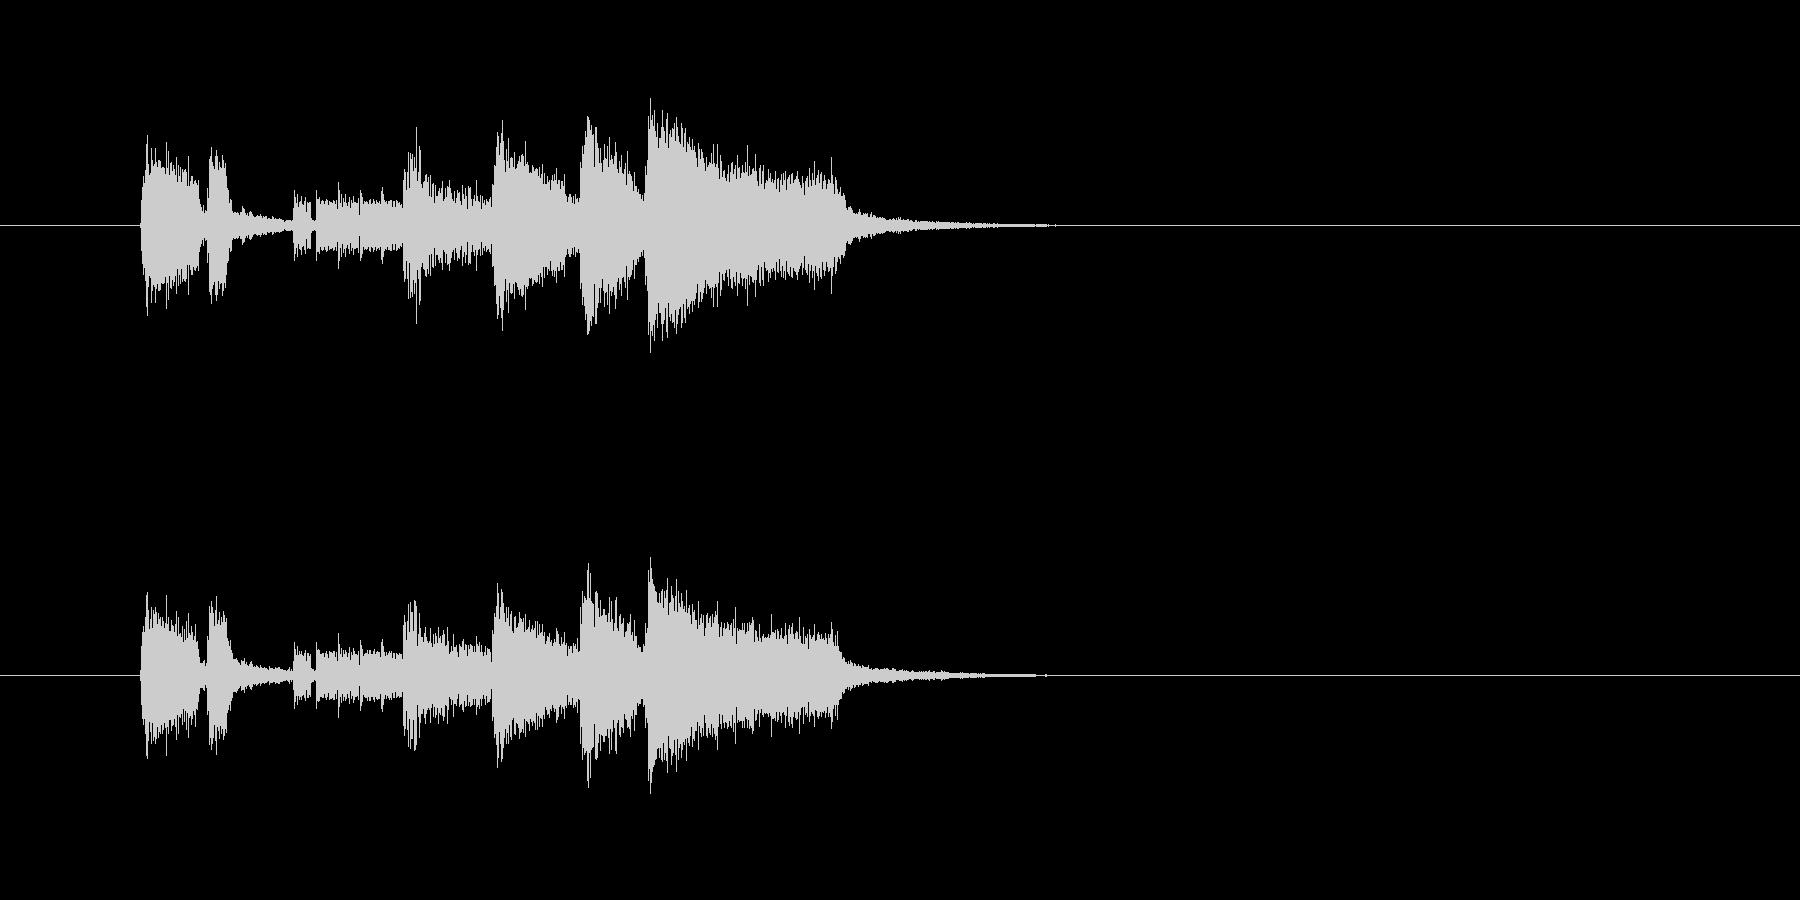 ベース 華やか パワフル 明るいの未再生の波形